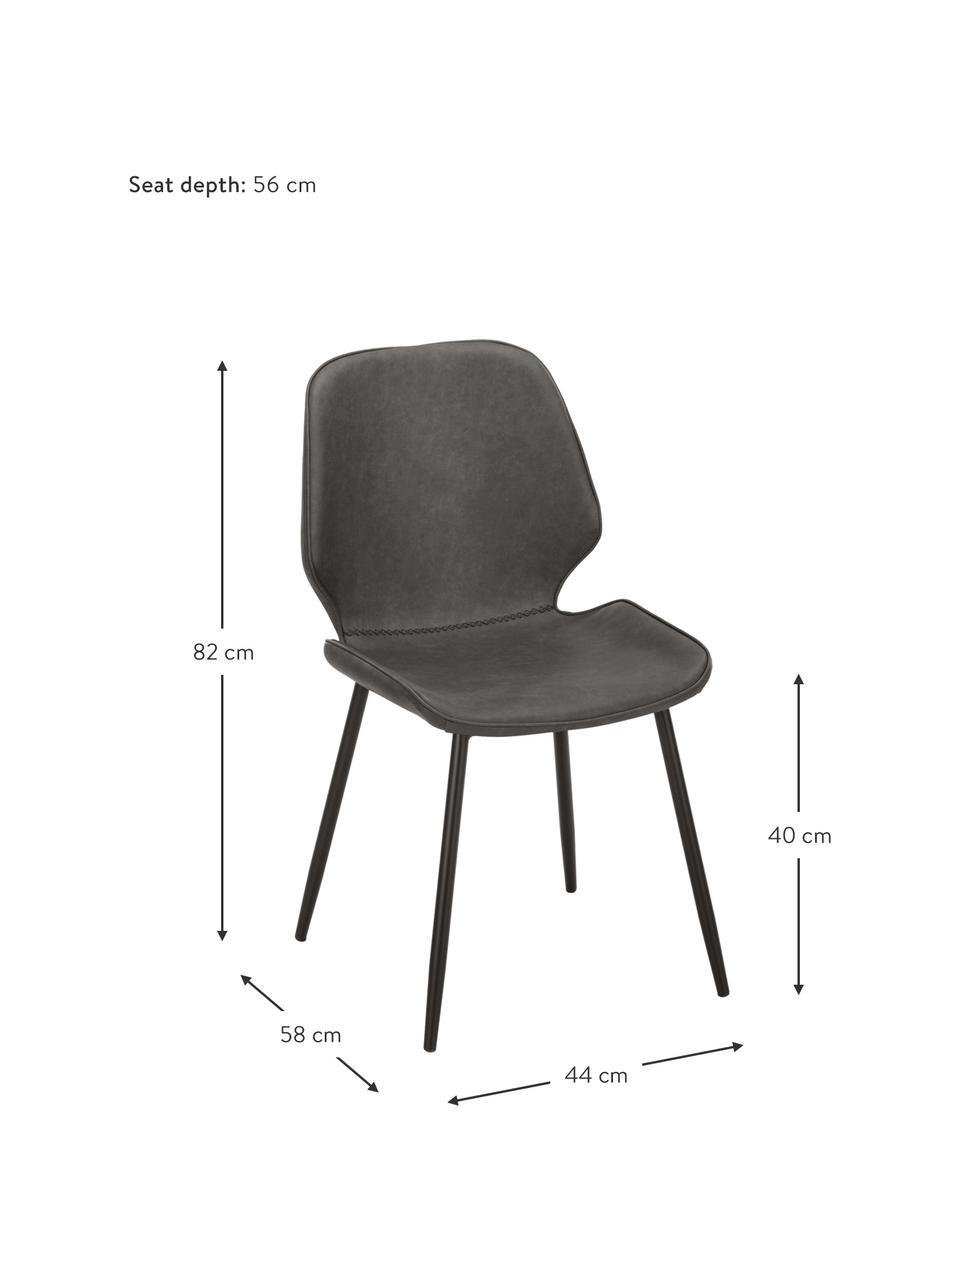 Chaise cuir synthétique rembourré Louis, 2pièces, Cuir synthétique gris foncé